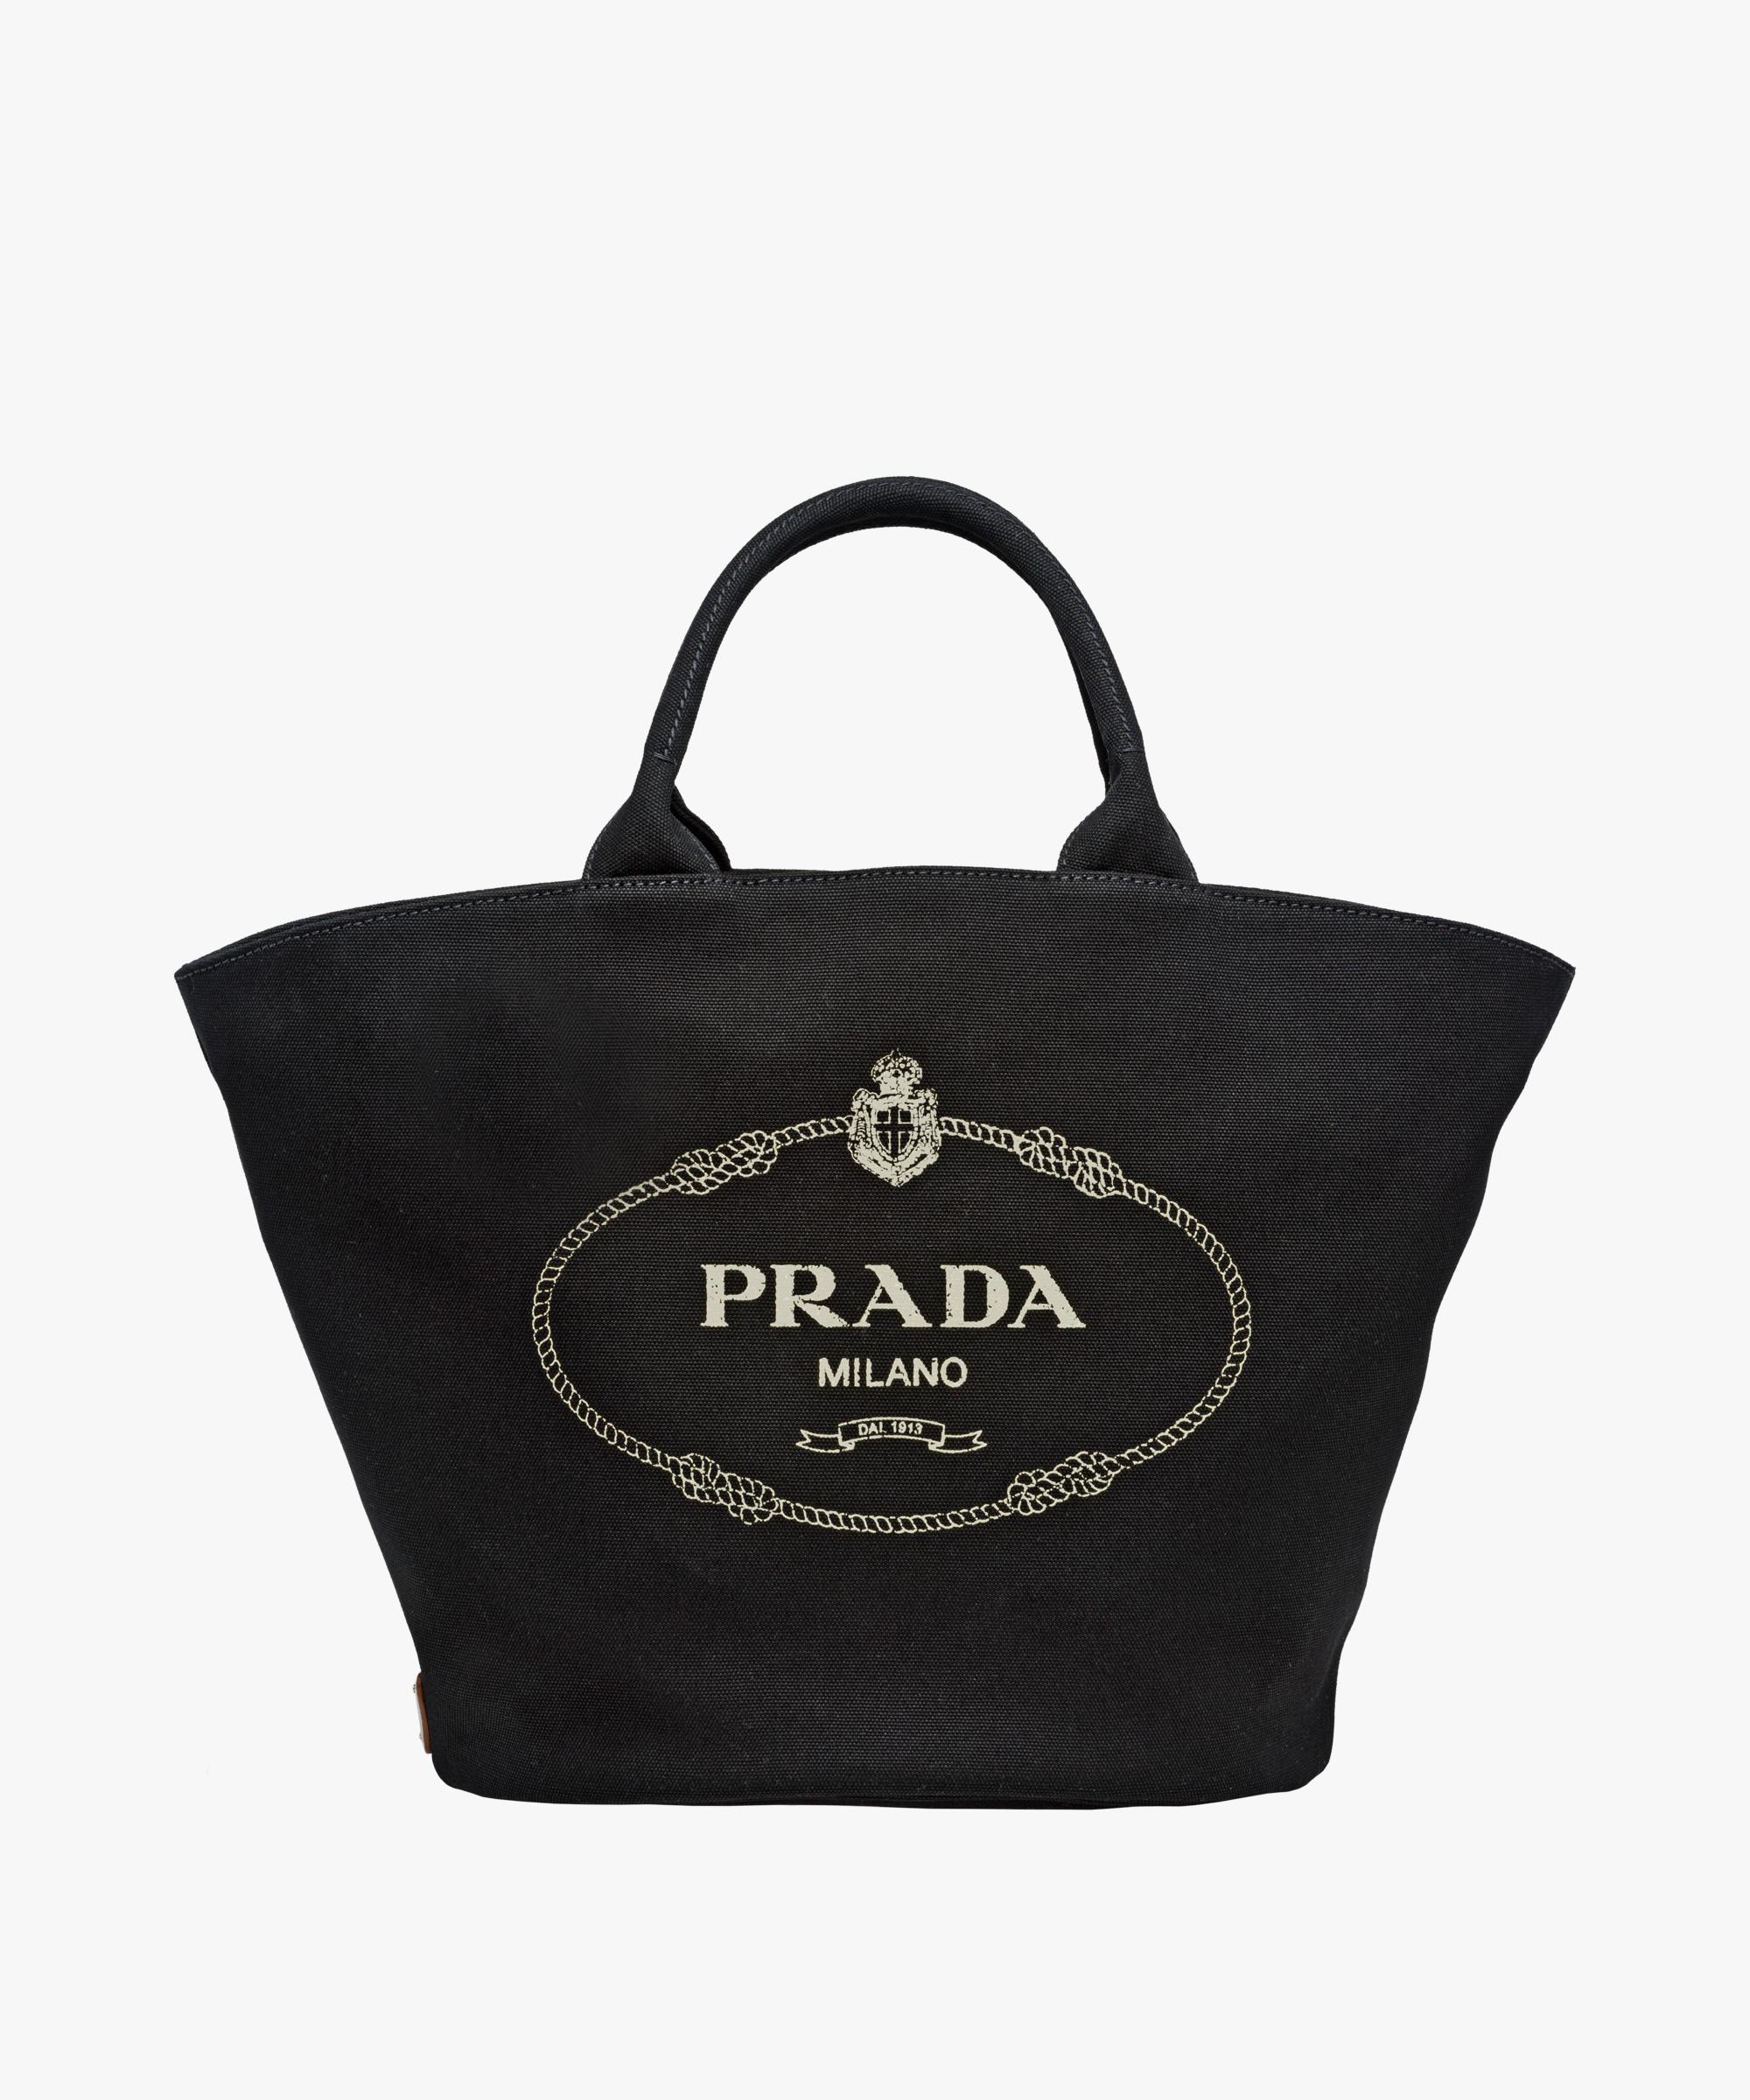 f52e5dffe544 Fabric handbag Prada BLACK  Fabric handbag Prada BLACK ...